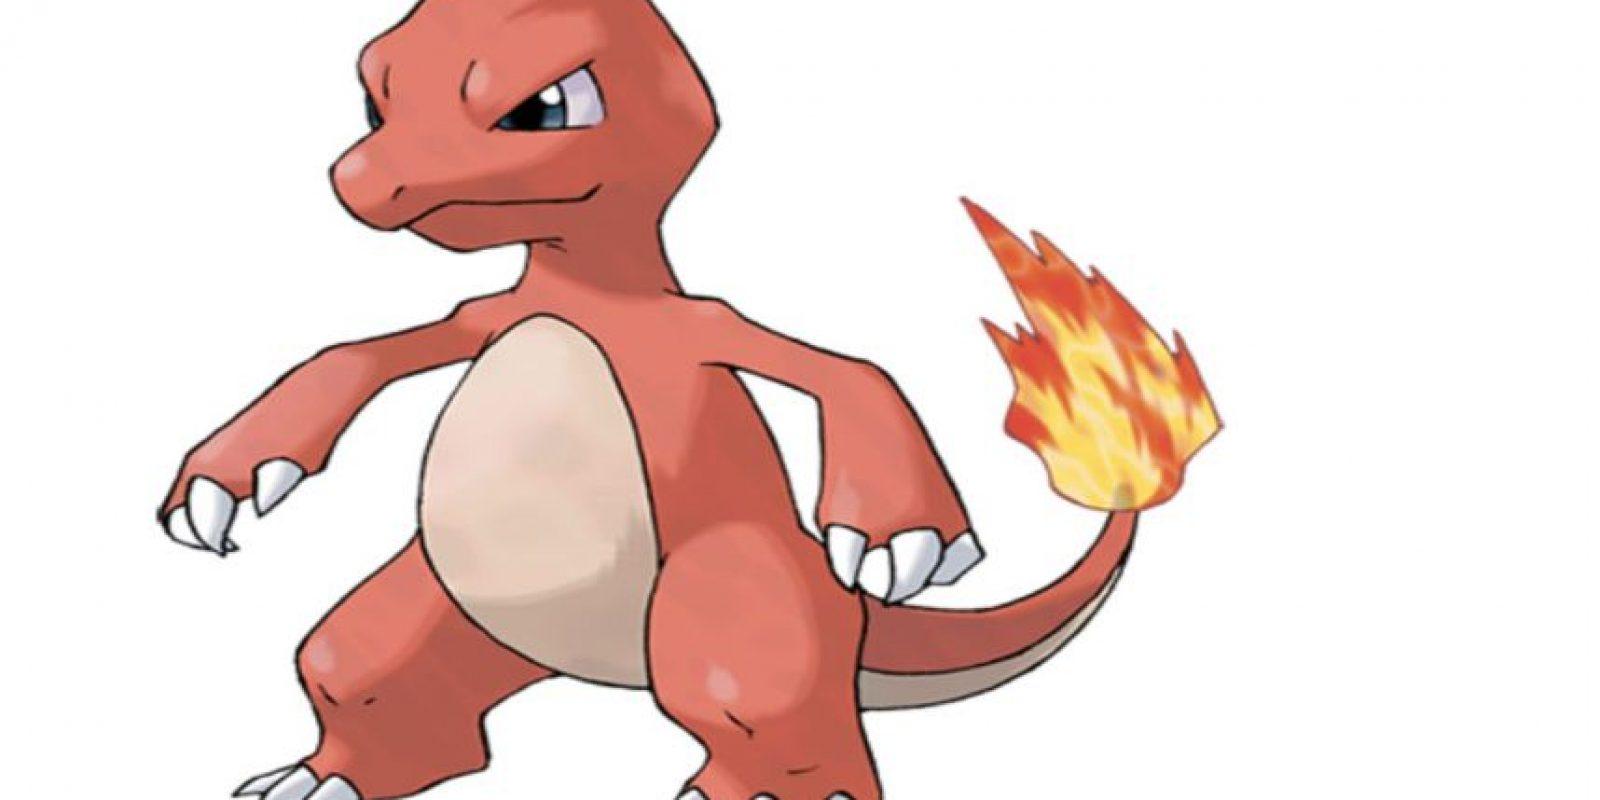 Charmeleon Foto:Pokémon. Imagen Por: